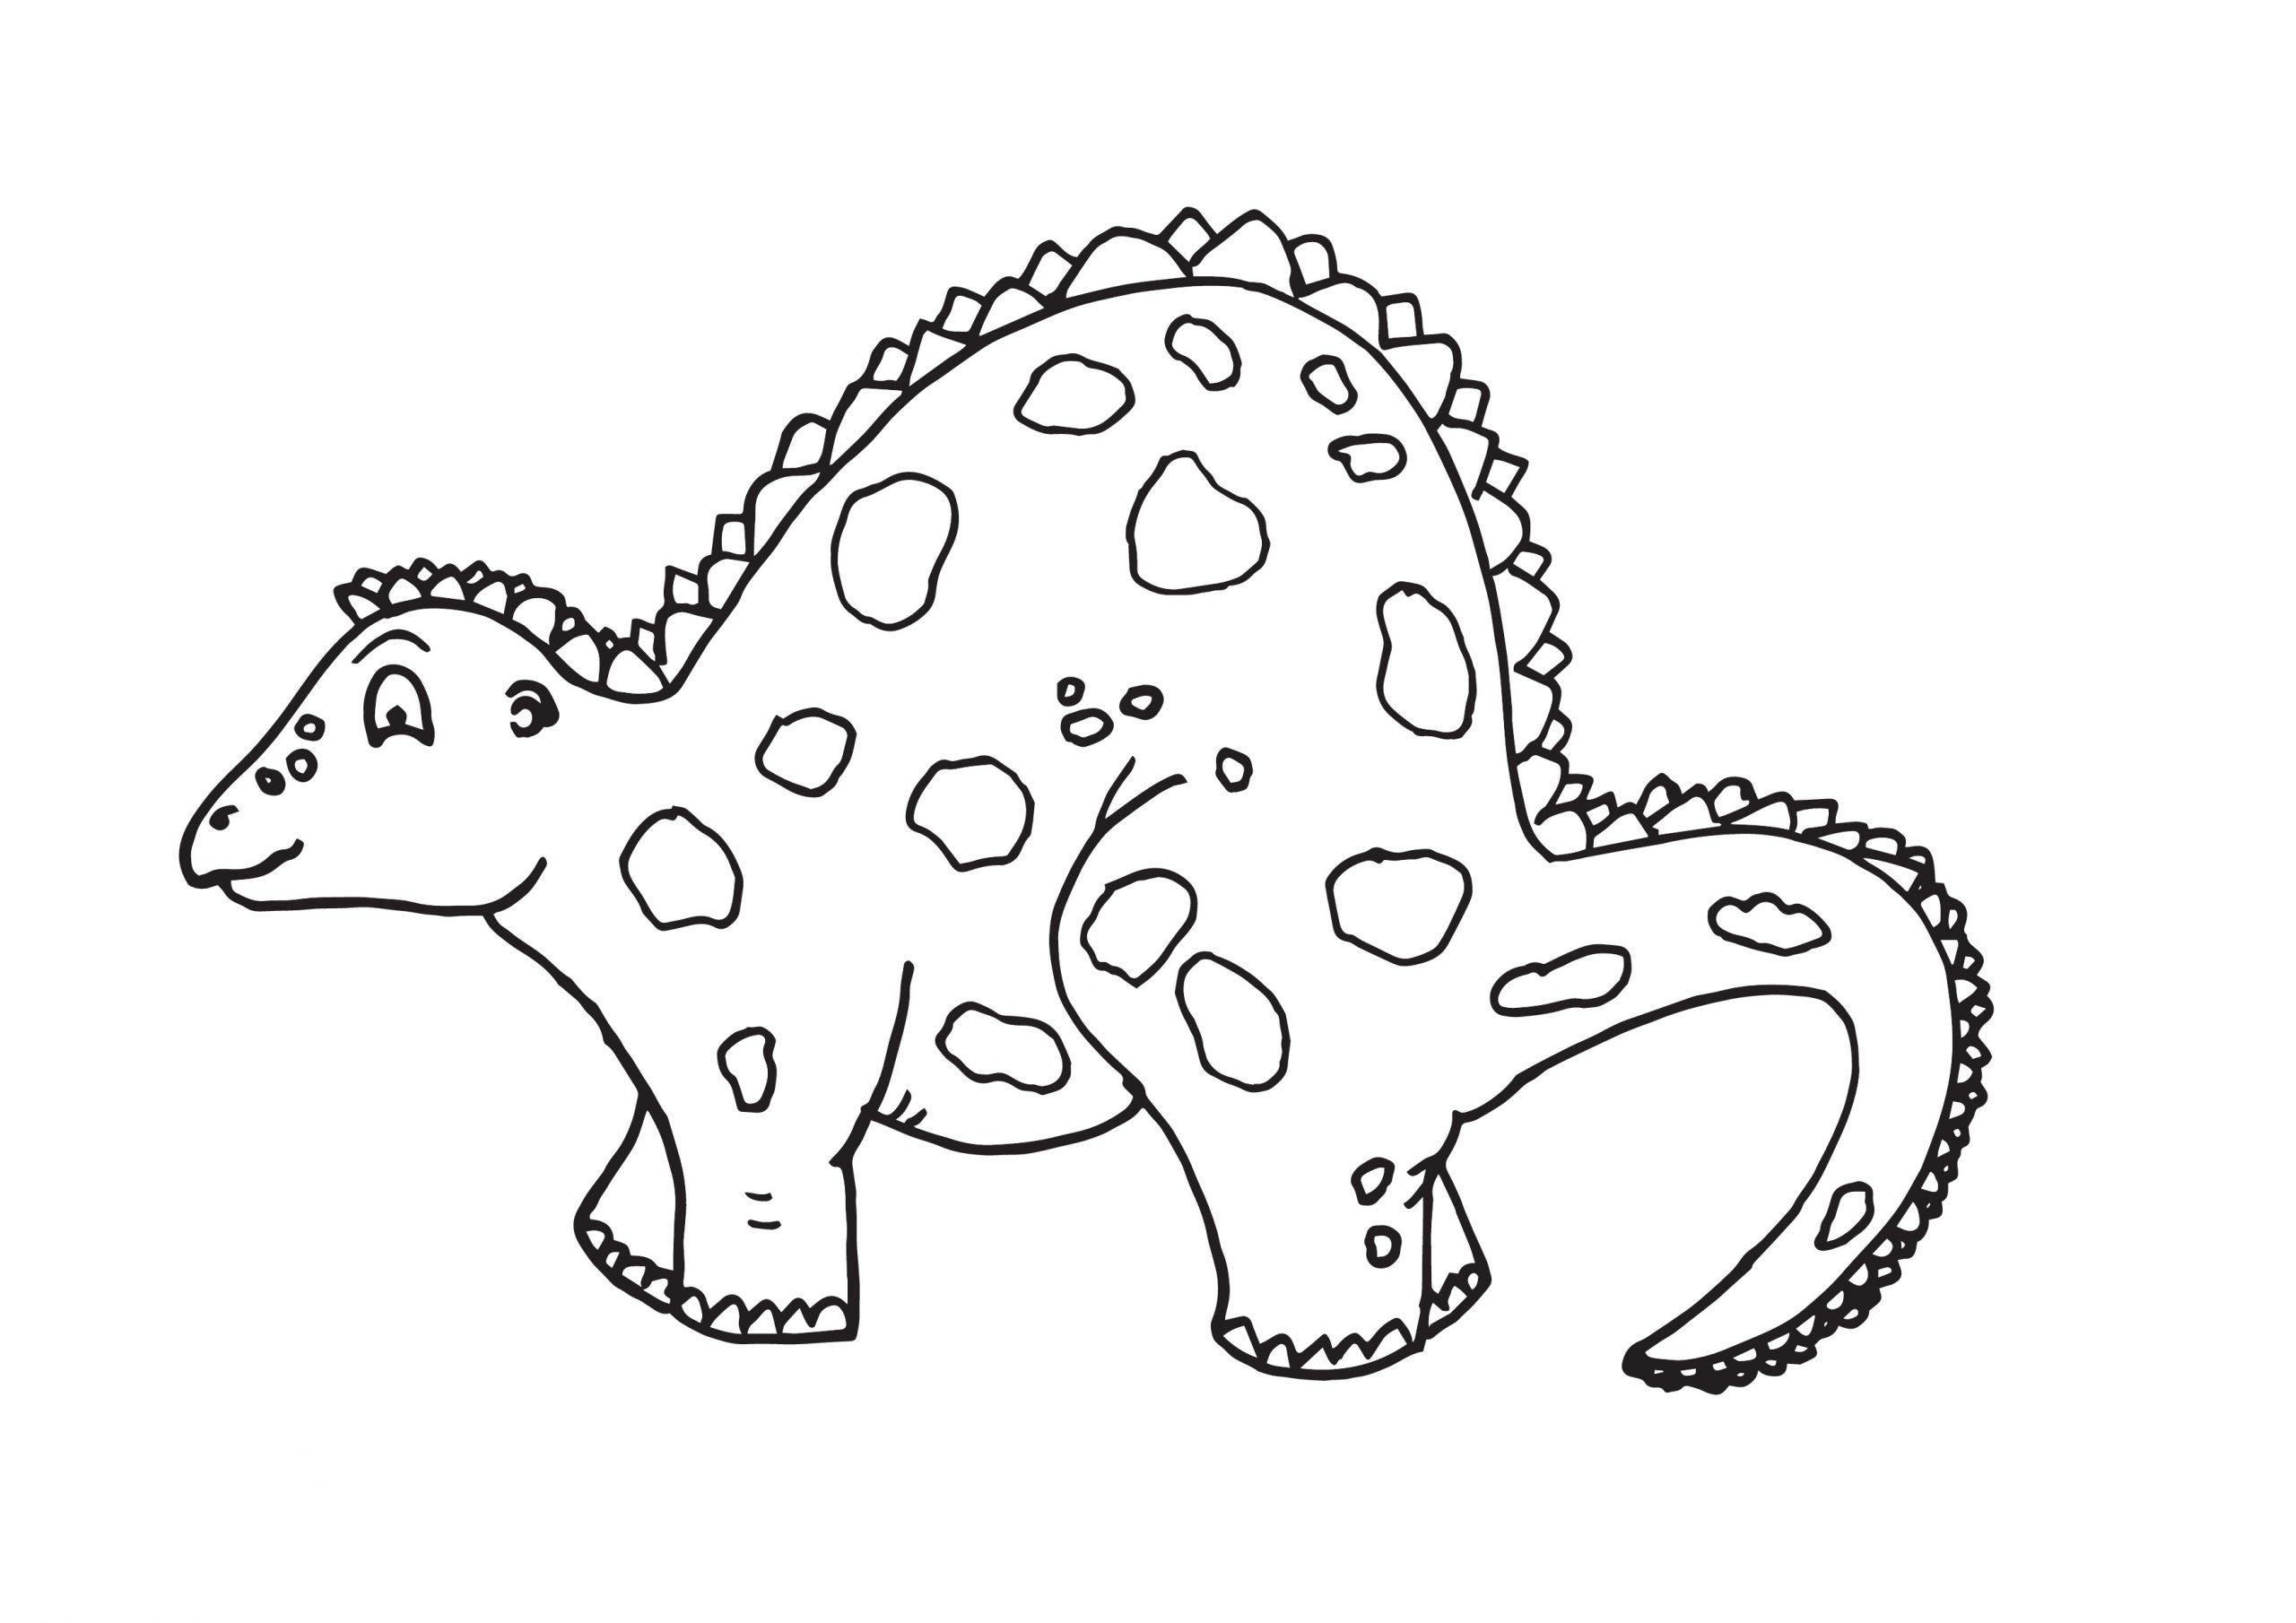 ausmalbilder kostenlos dinosaurier  kinderbilderdownload